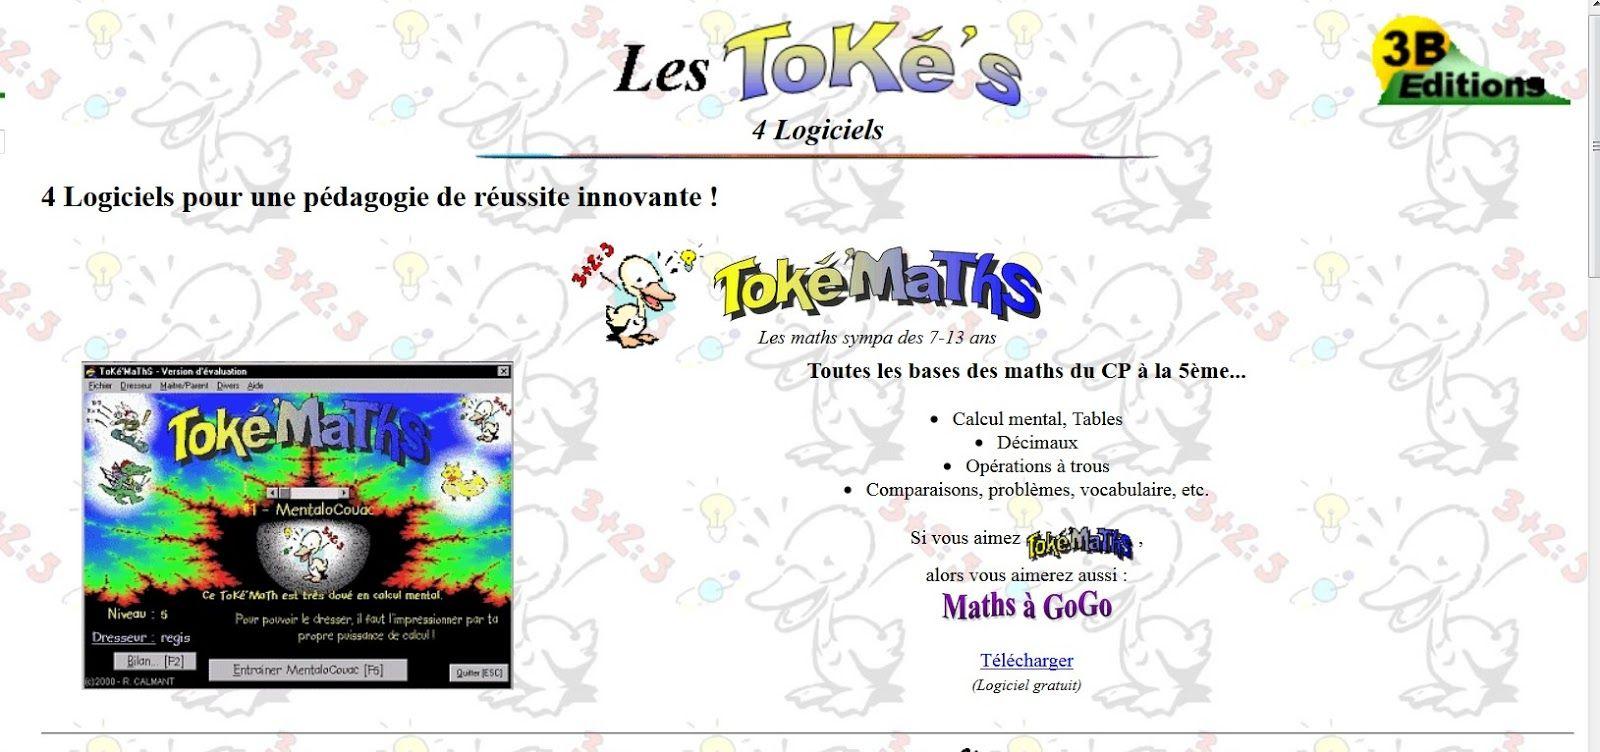 Toke'maths, C'est Un Petit Logiciel Ou Un Jeu En concernant Jeu De Puissance 4 Gratuit En Ligne